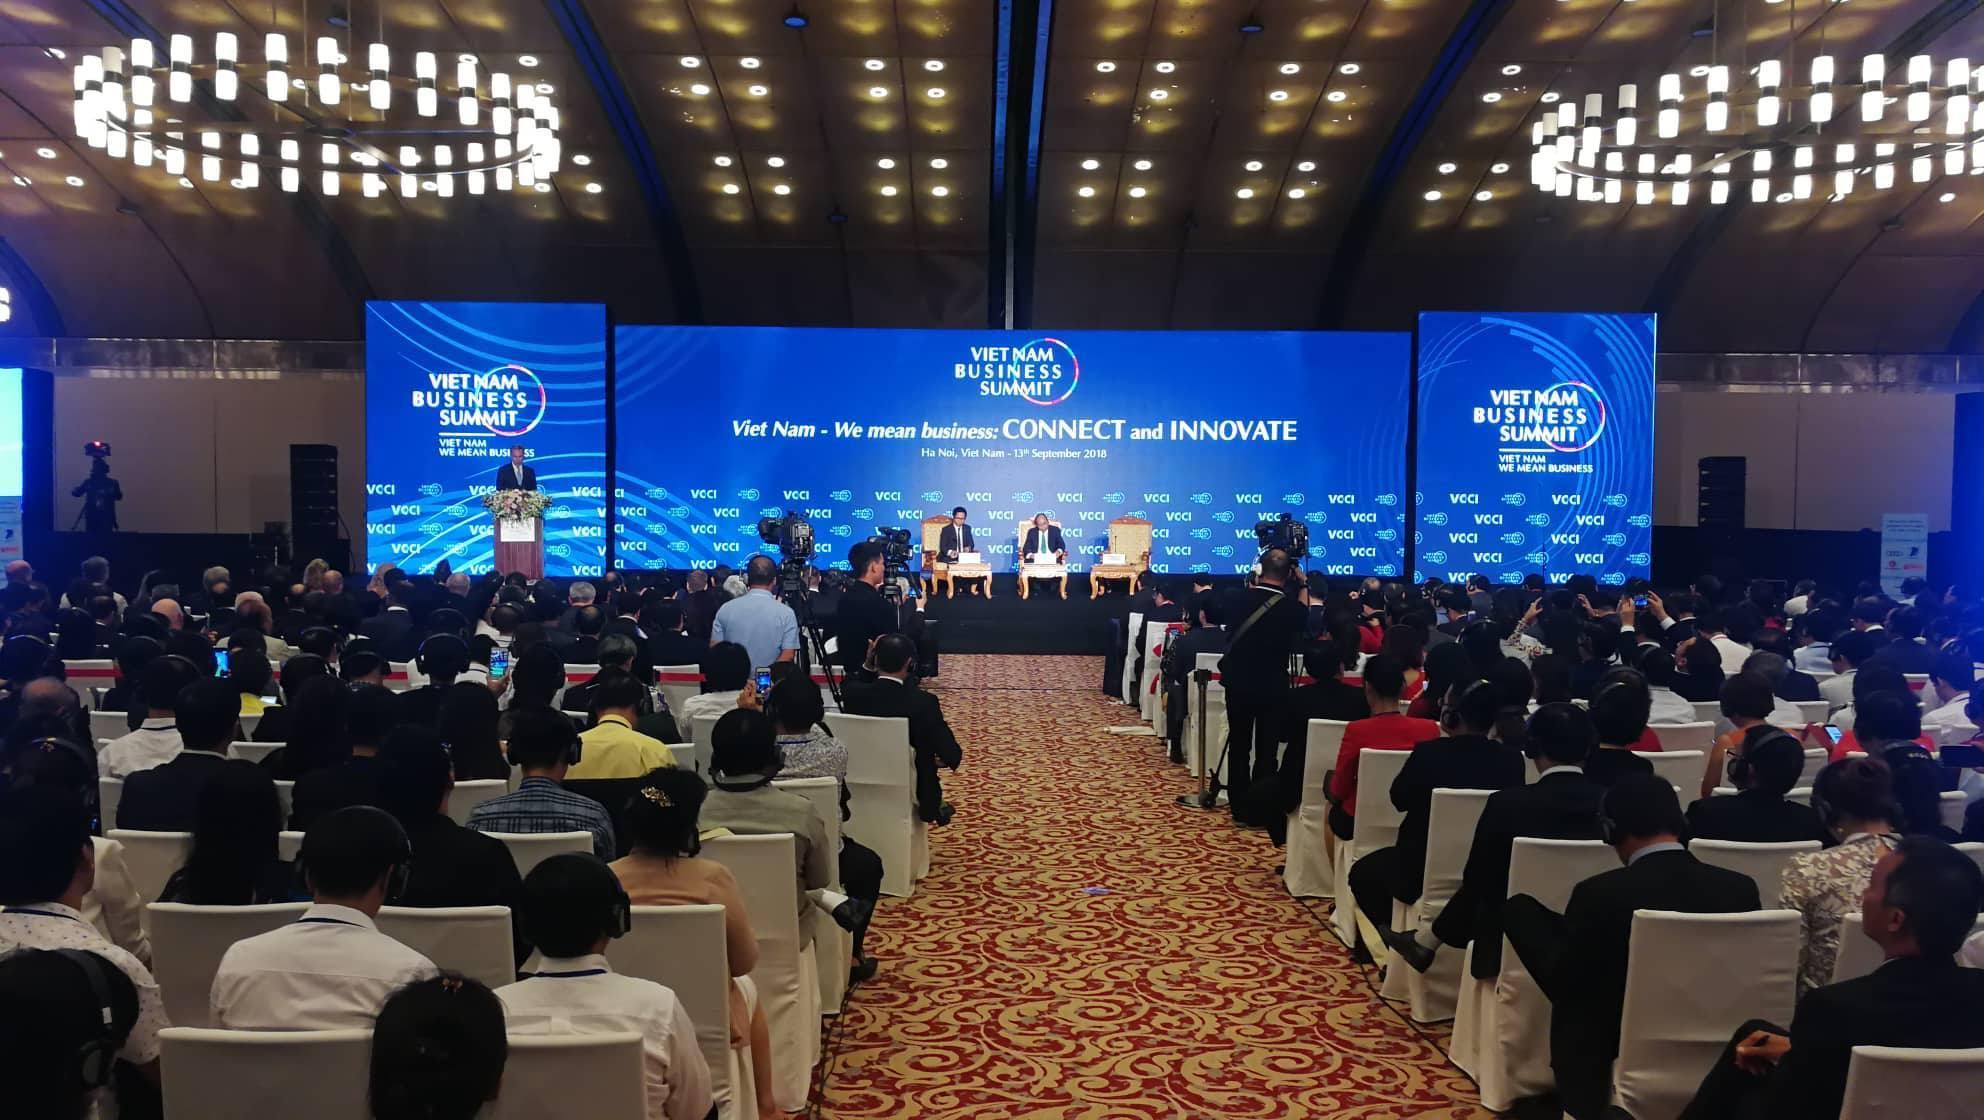 Cuộc đối thoại đặc biệt của Thủ tướng tại hội nghị Thượng đỉnh Kinh doanh VN